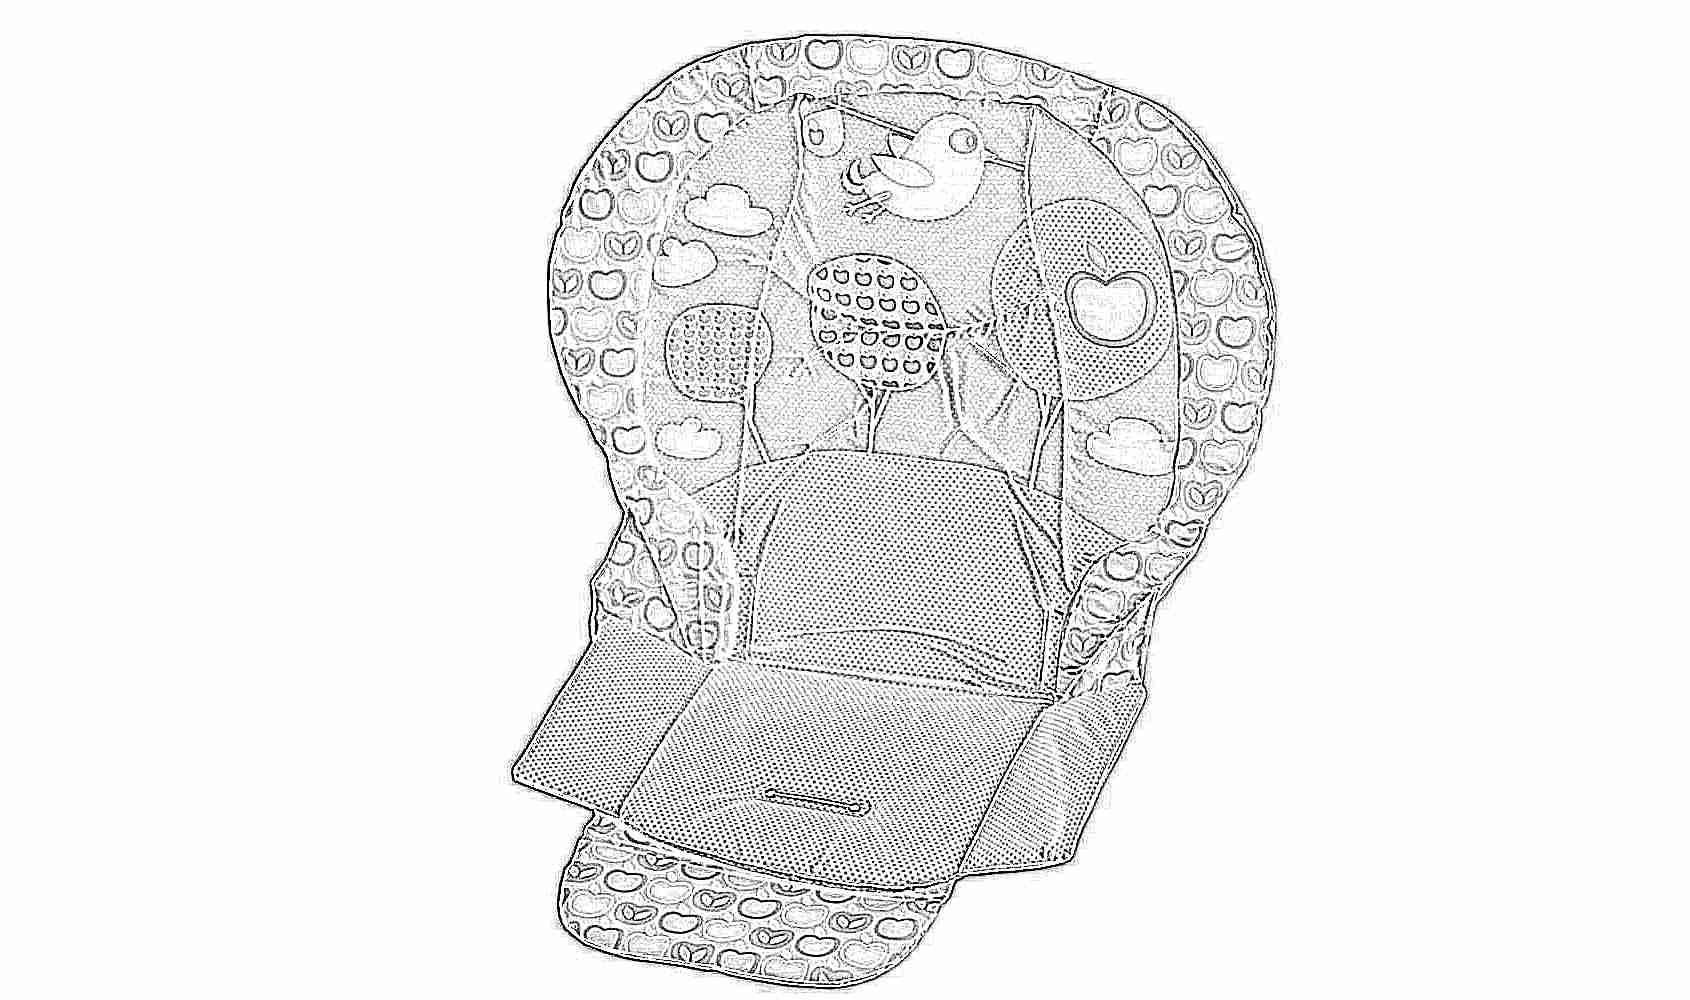 Чехол на детский стульчик для кормления своими руками 61